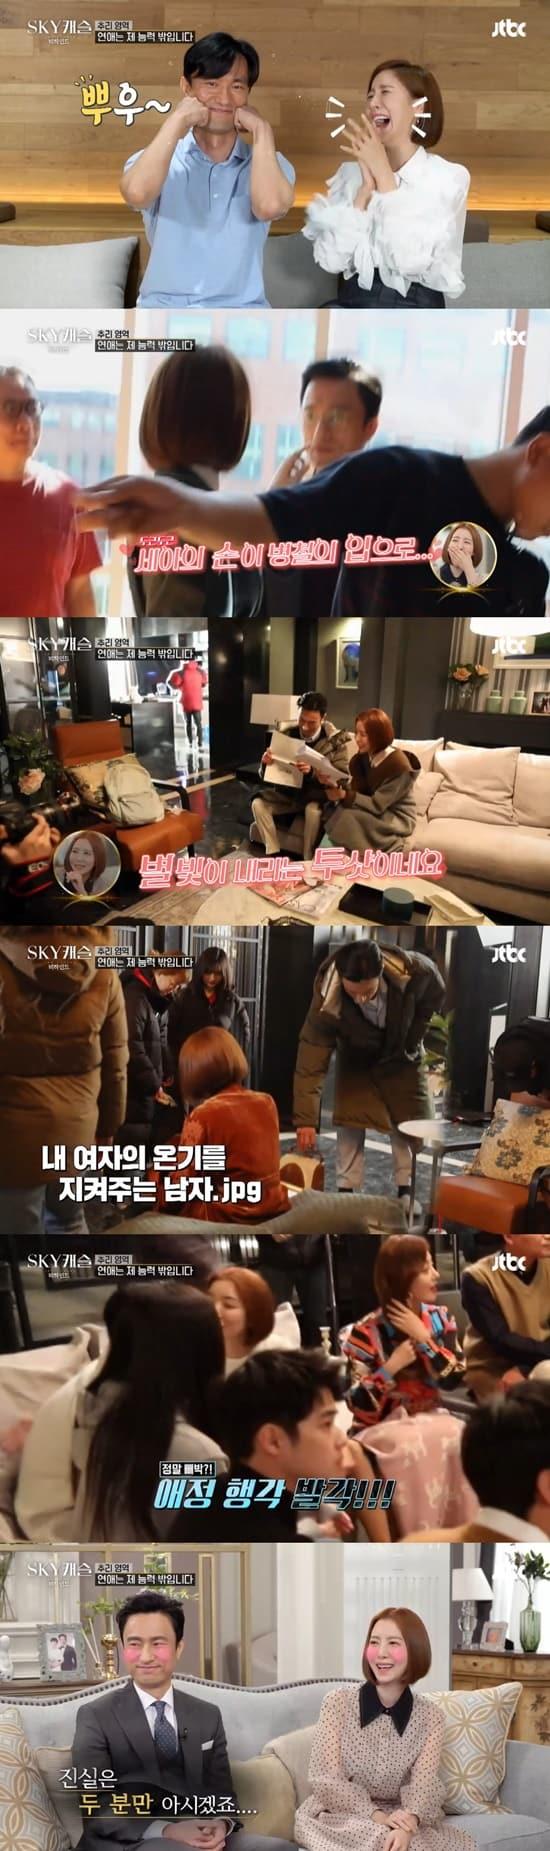 JTBC 금토드라마 'SKY캐슬' 비하인드 방송 화면 캡처 © 갓잇코리아